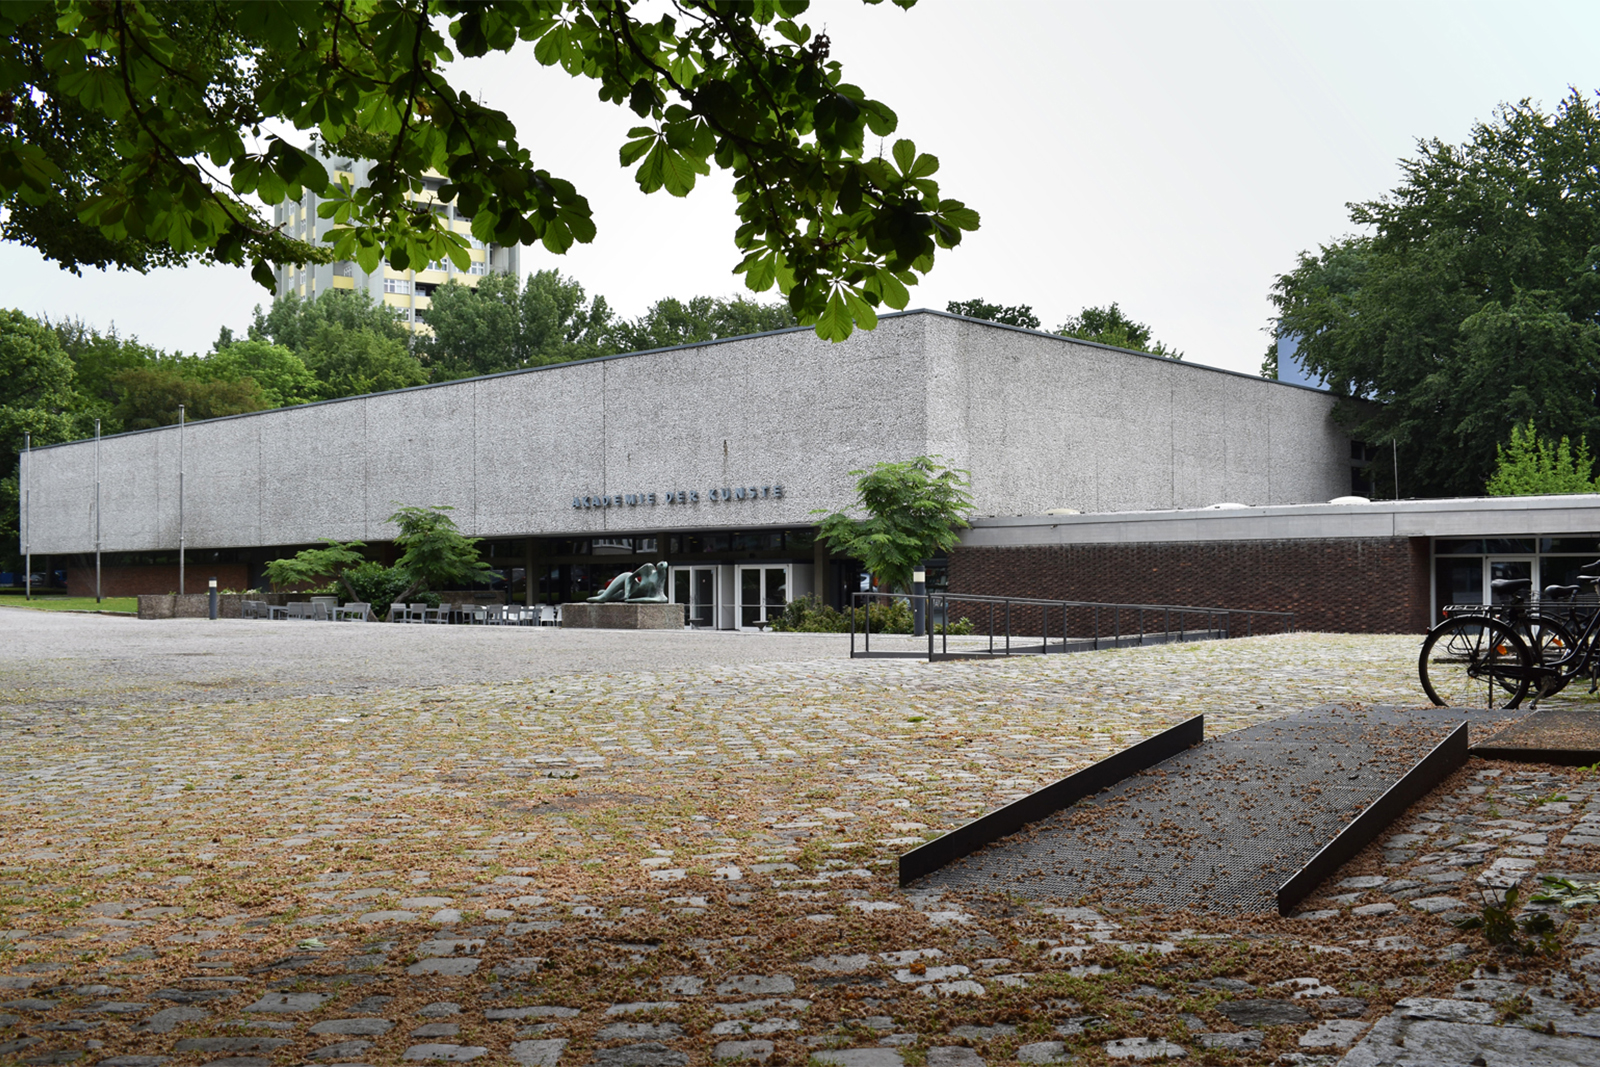 vorplatz-akademie-der-kuenste-berlin-hanseatenweg-eingang-aussenanlagen-armbruster-landschaftsarchitektur-rampe-perspektive